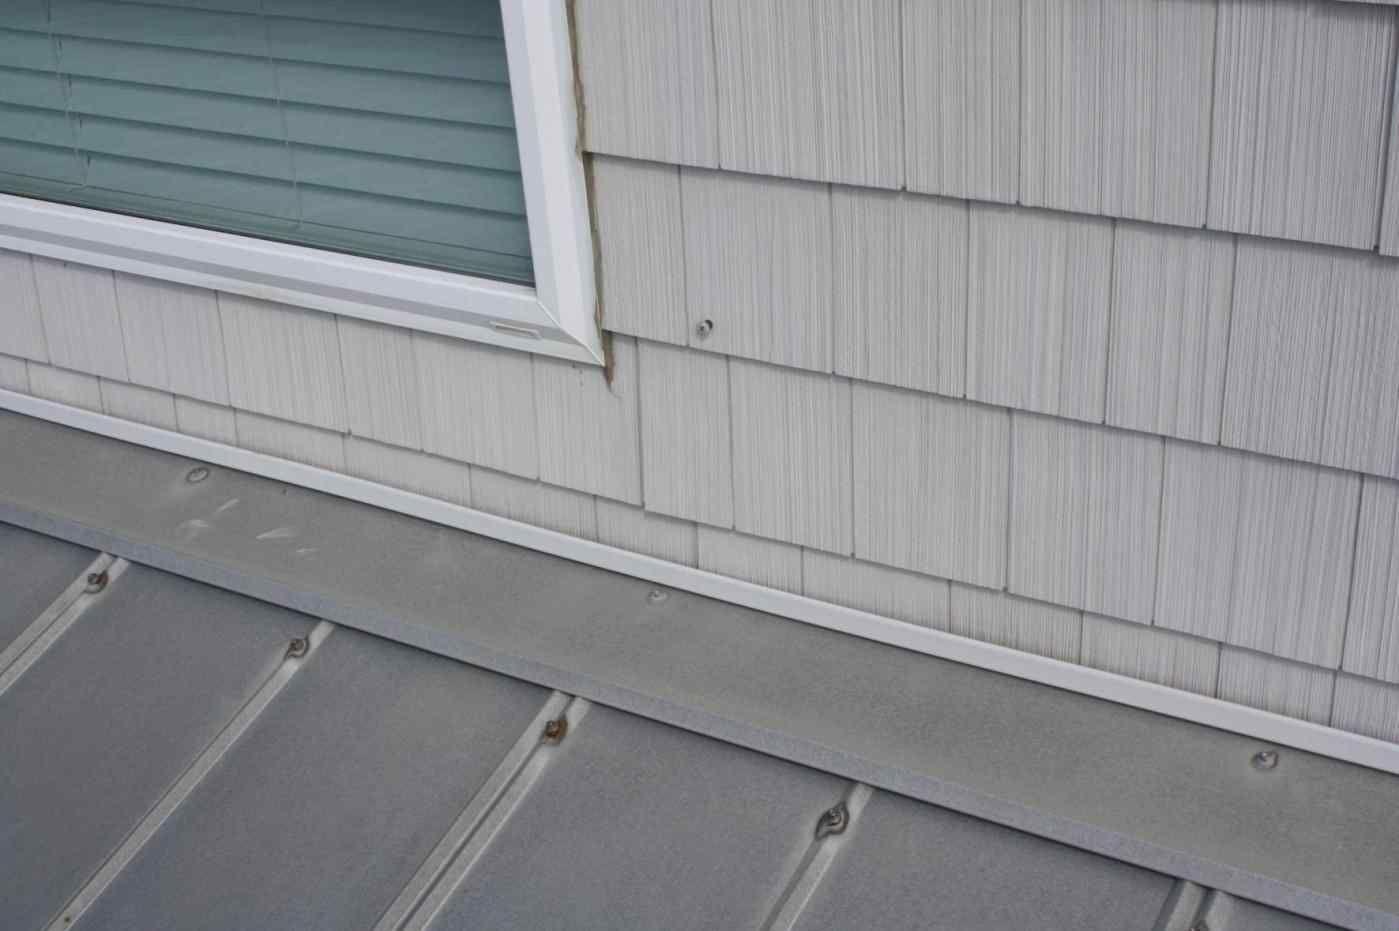 5V Crimp Metal Roof Metal roof, Roof design, Roof